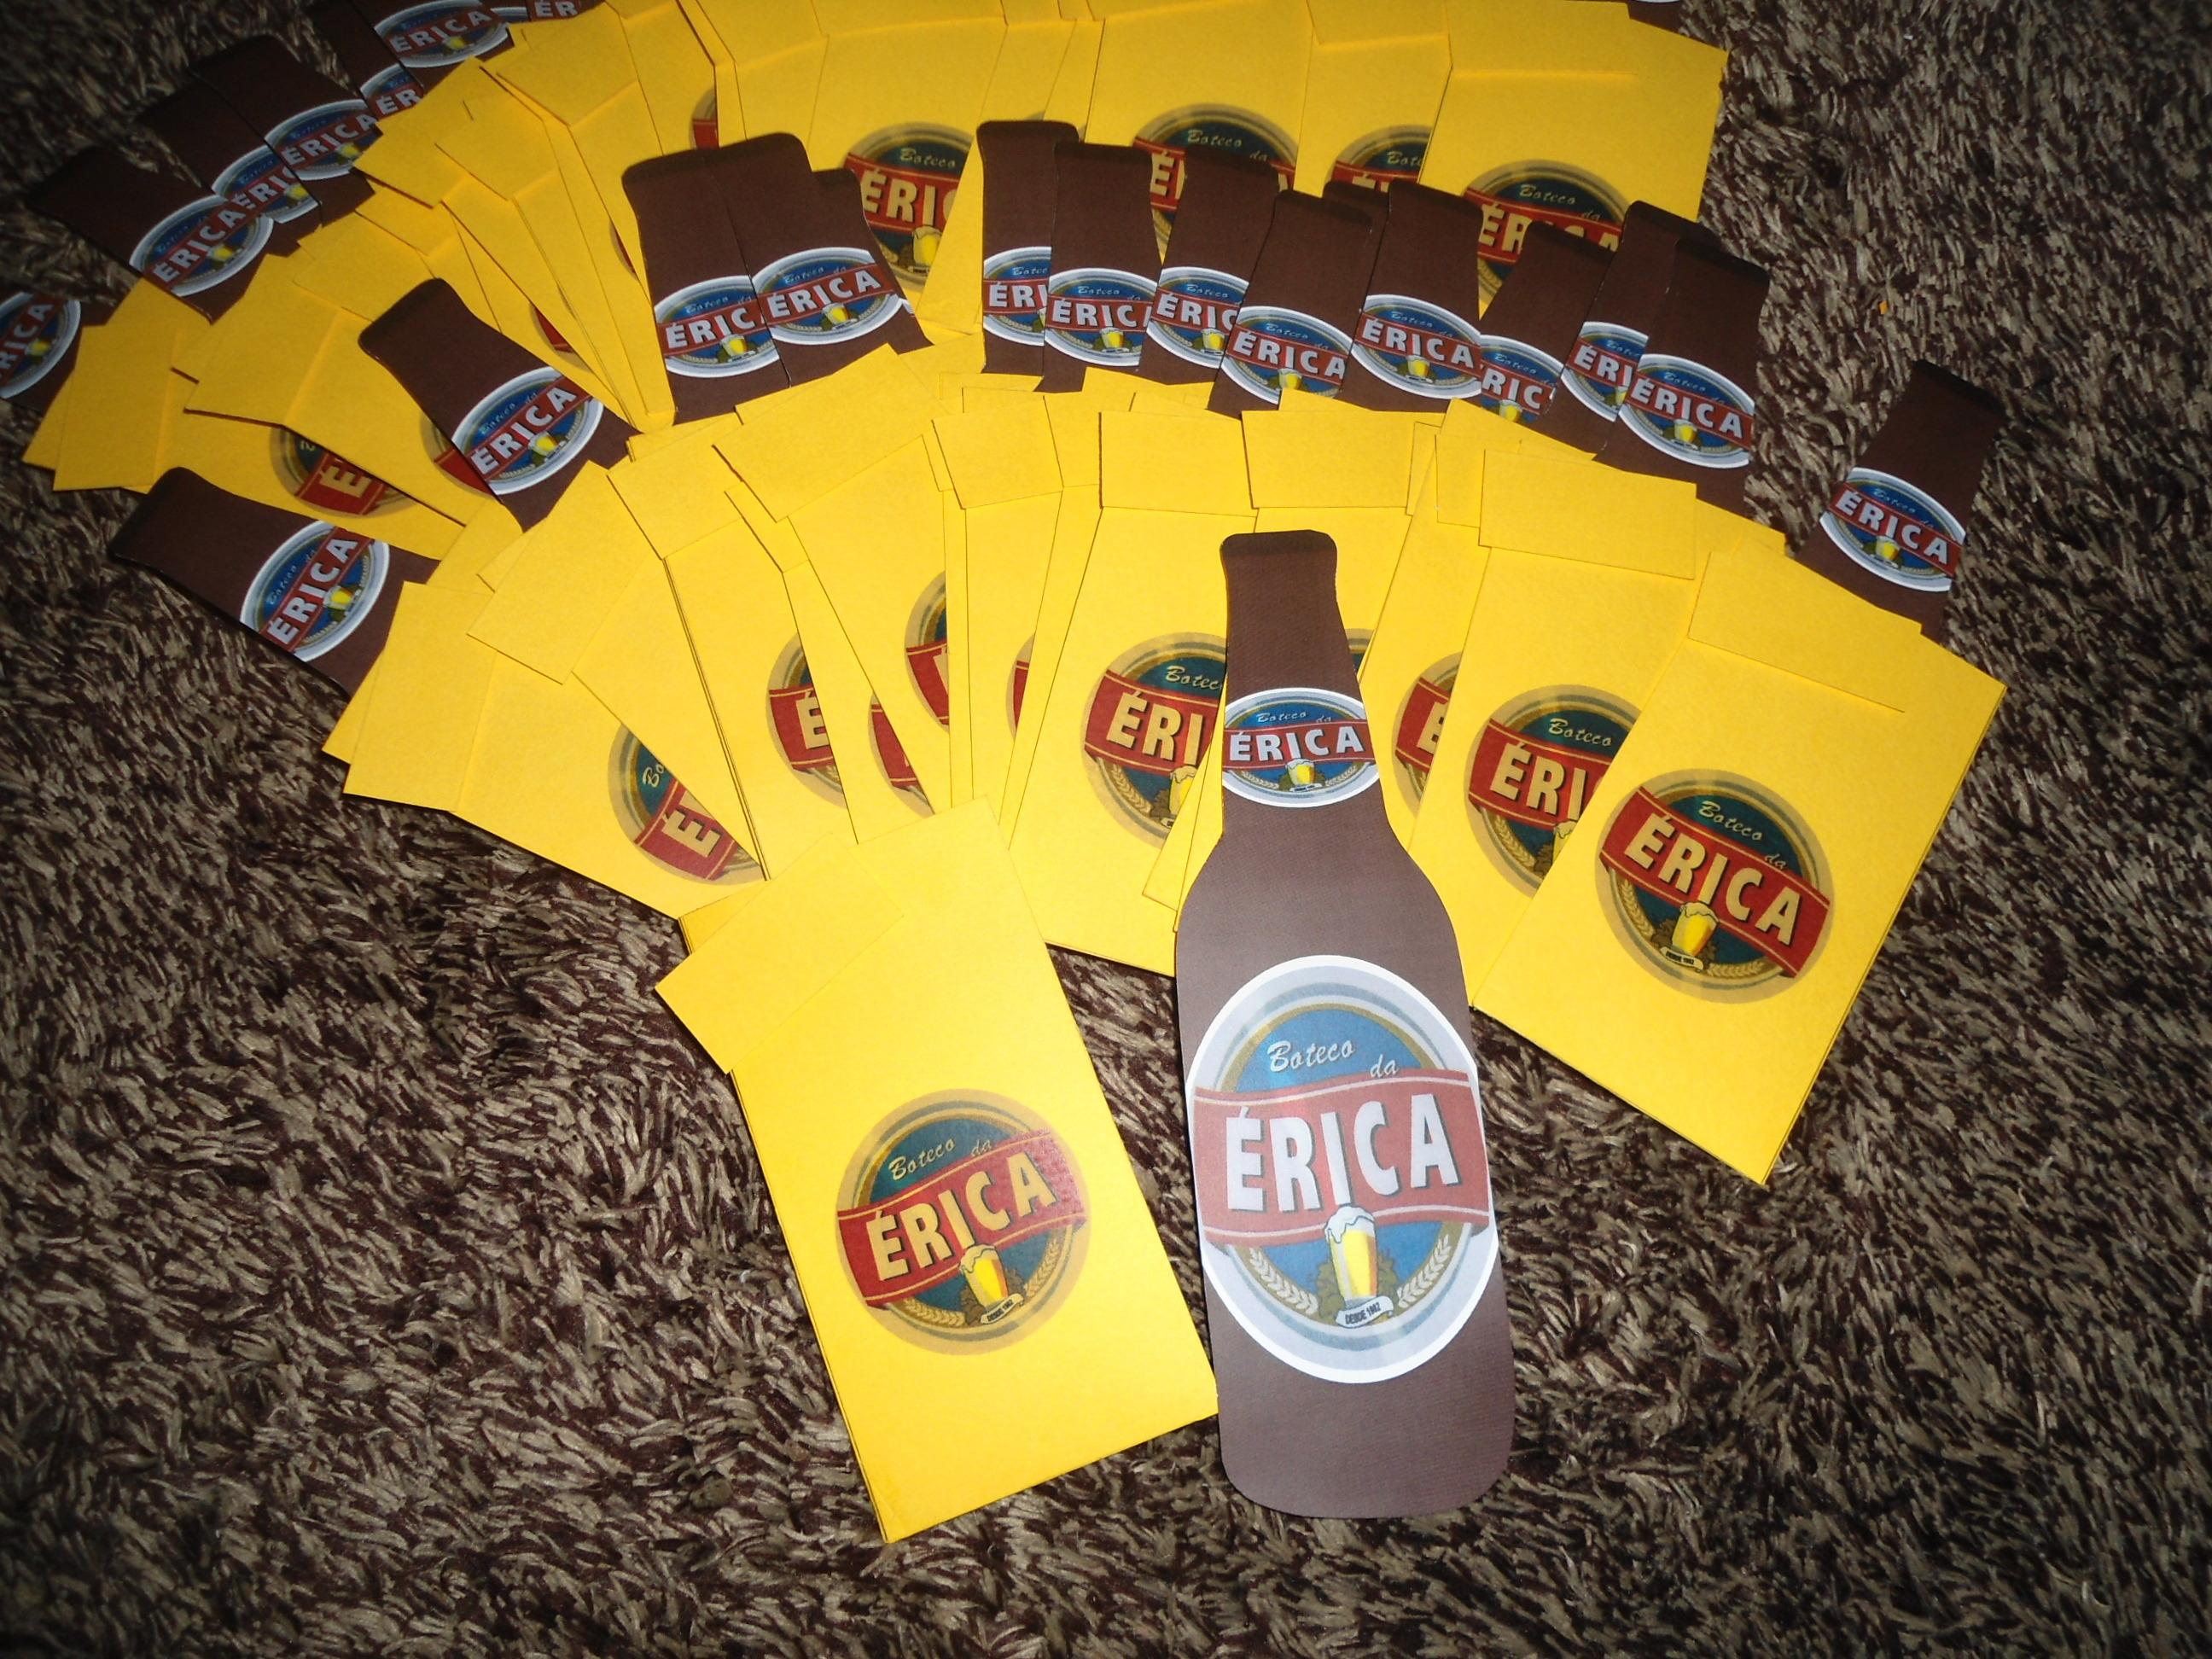 #C29D09 Dipix Gr Fica Em Juiz De Fora Convites Personalizados Pictures to pin  3186 Janelas De Madeira Em Juiz De Fora